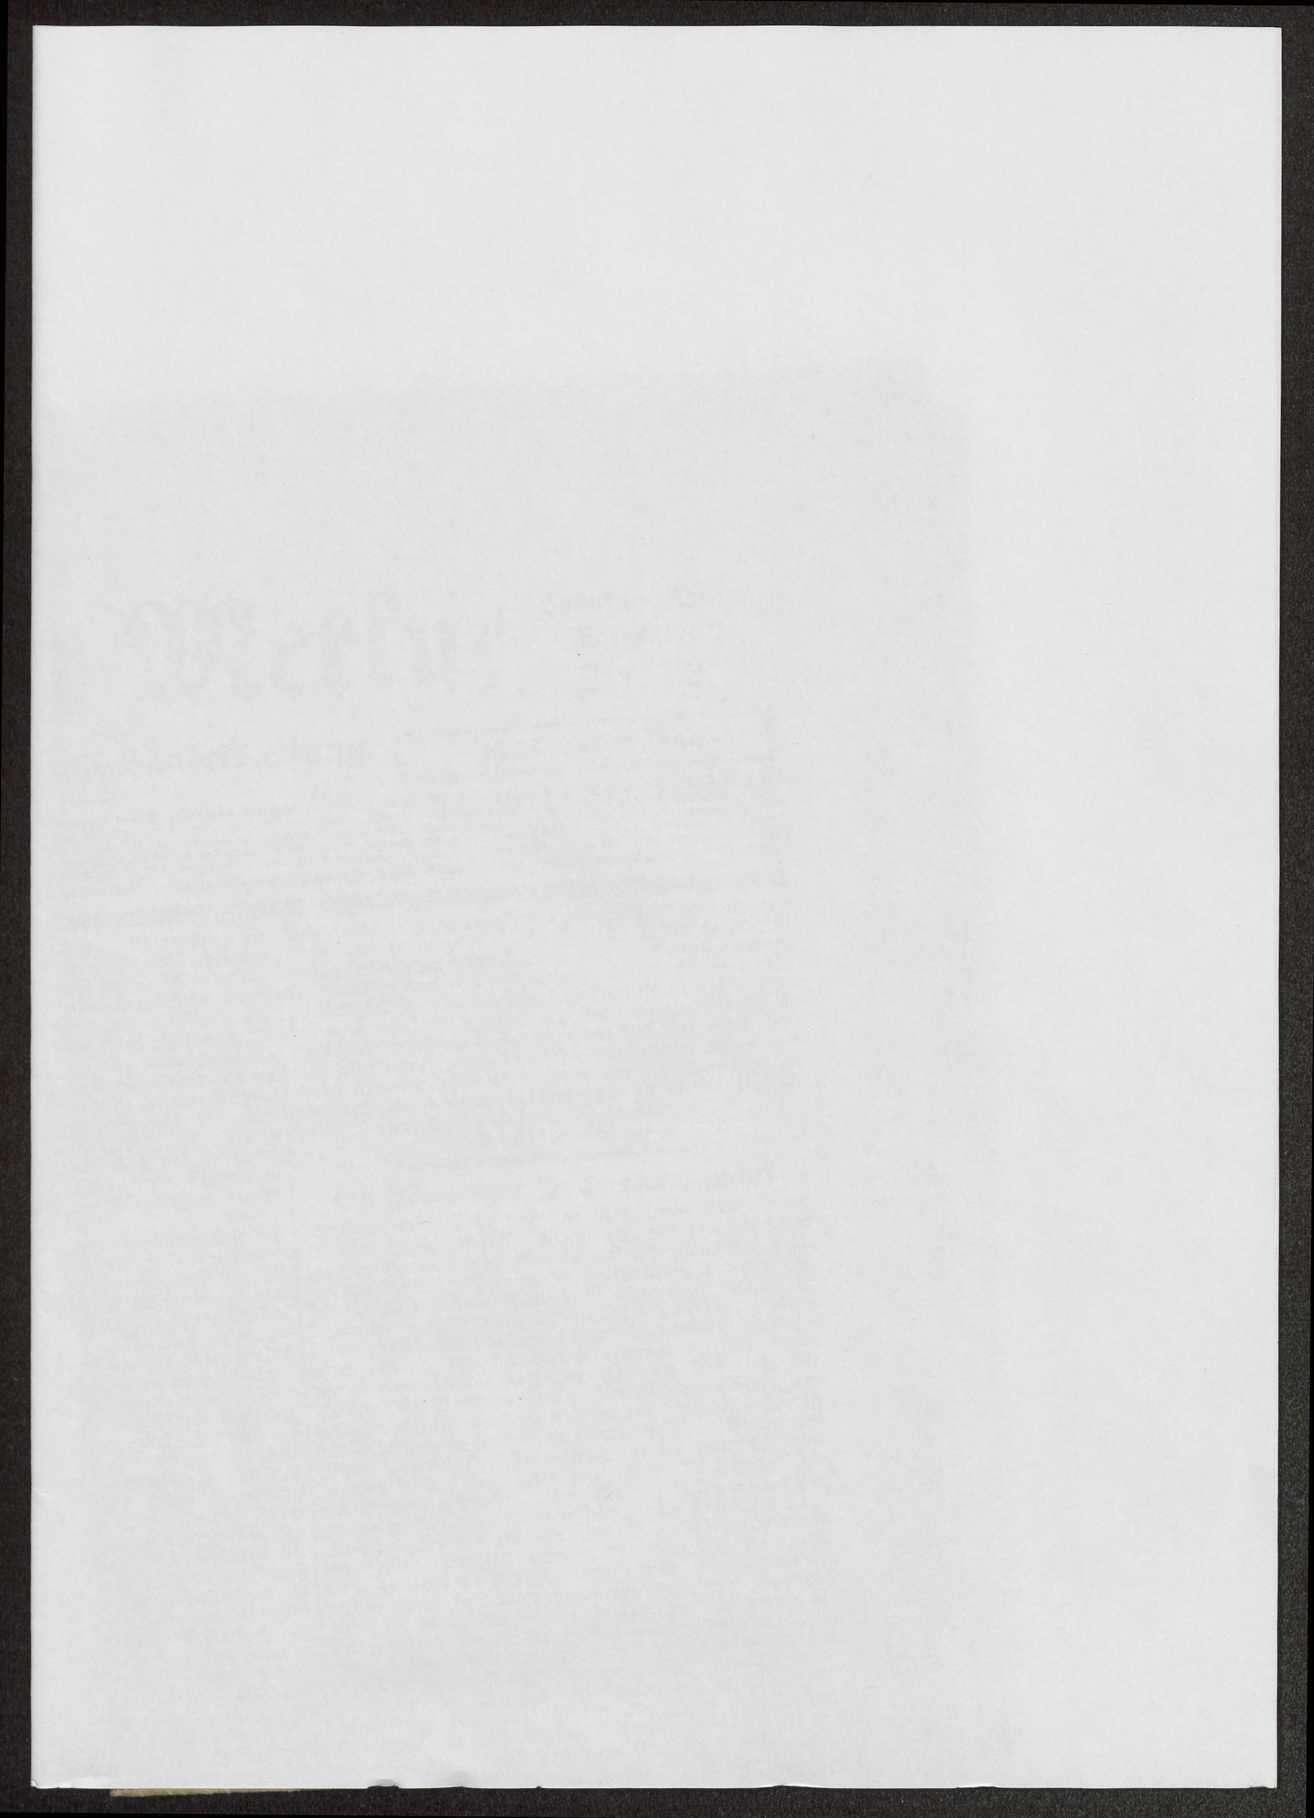 Veröffentlichungen von Weizsäcker. Schreiben, Druckschriften, Zeitungsausschnitte, Bild 1